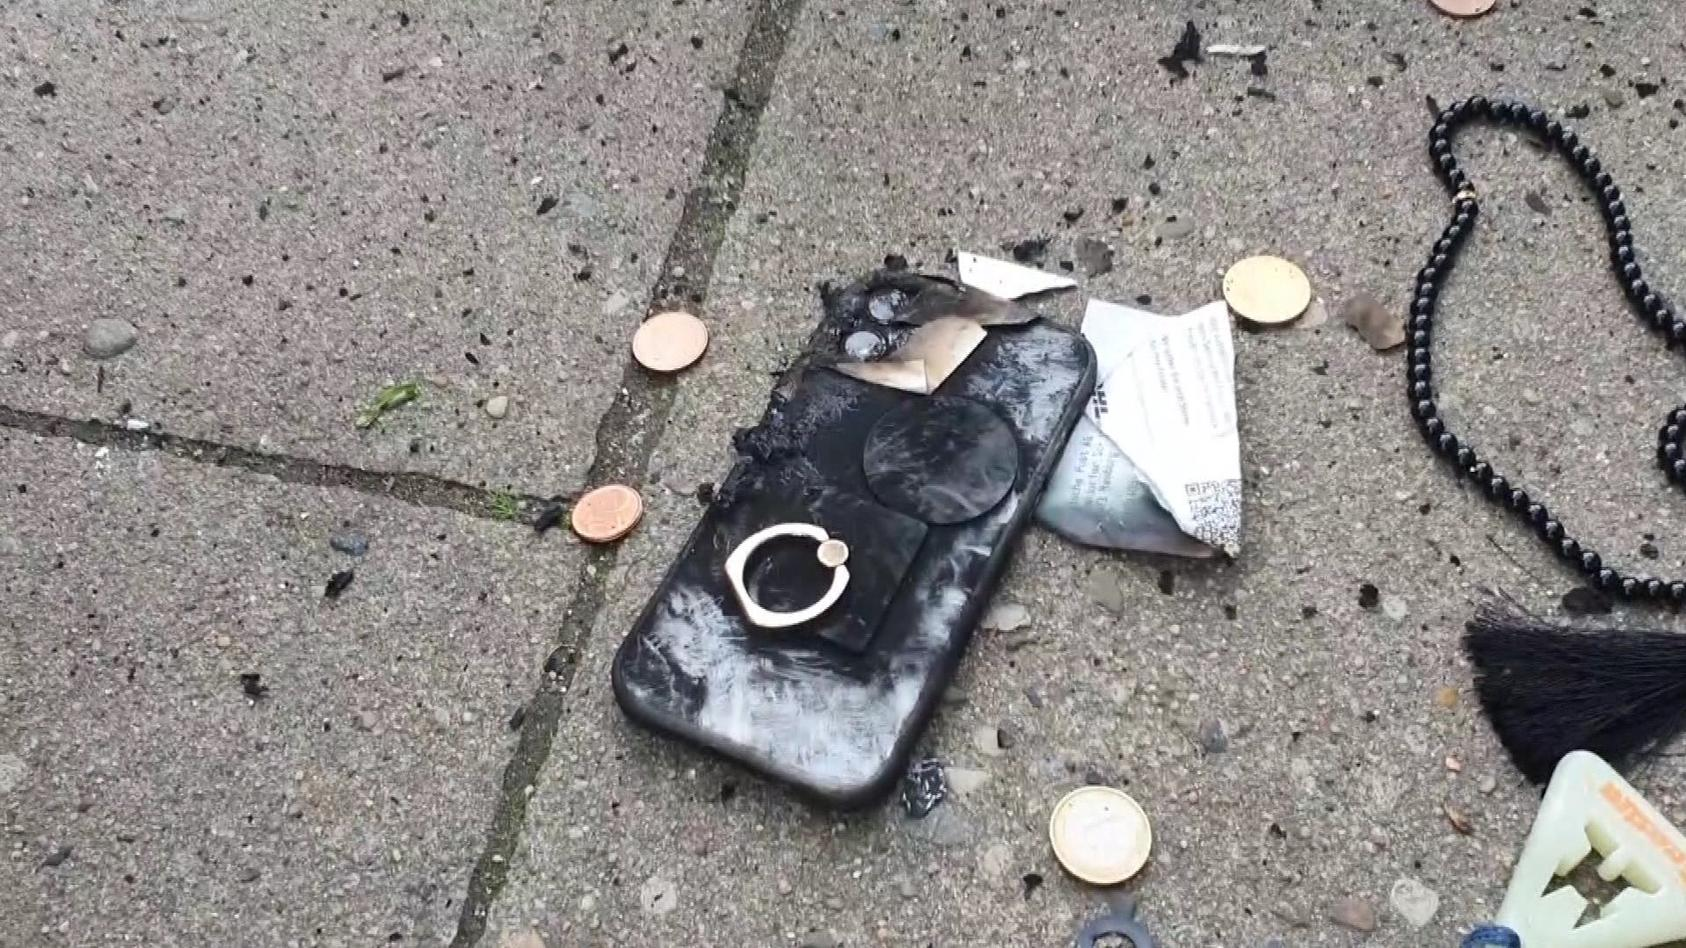 Das Handy ist durch die Explosion komplett zerstört.